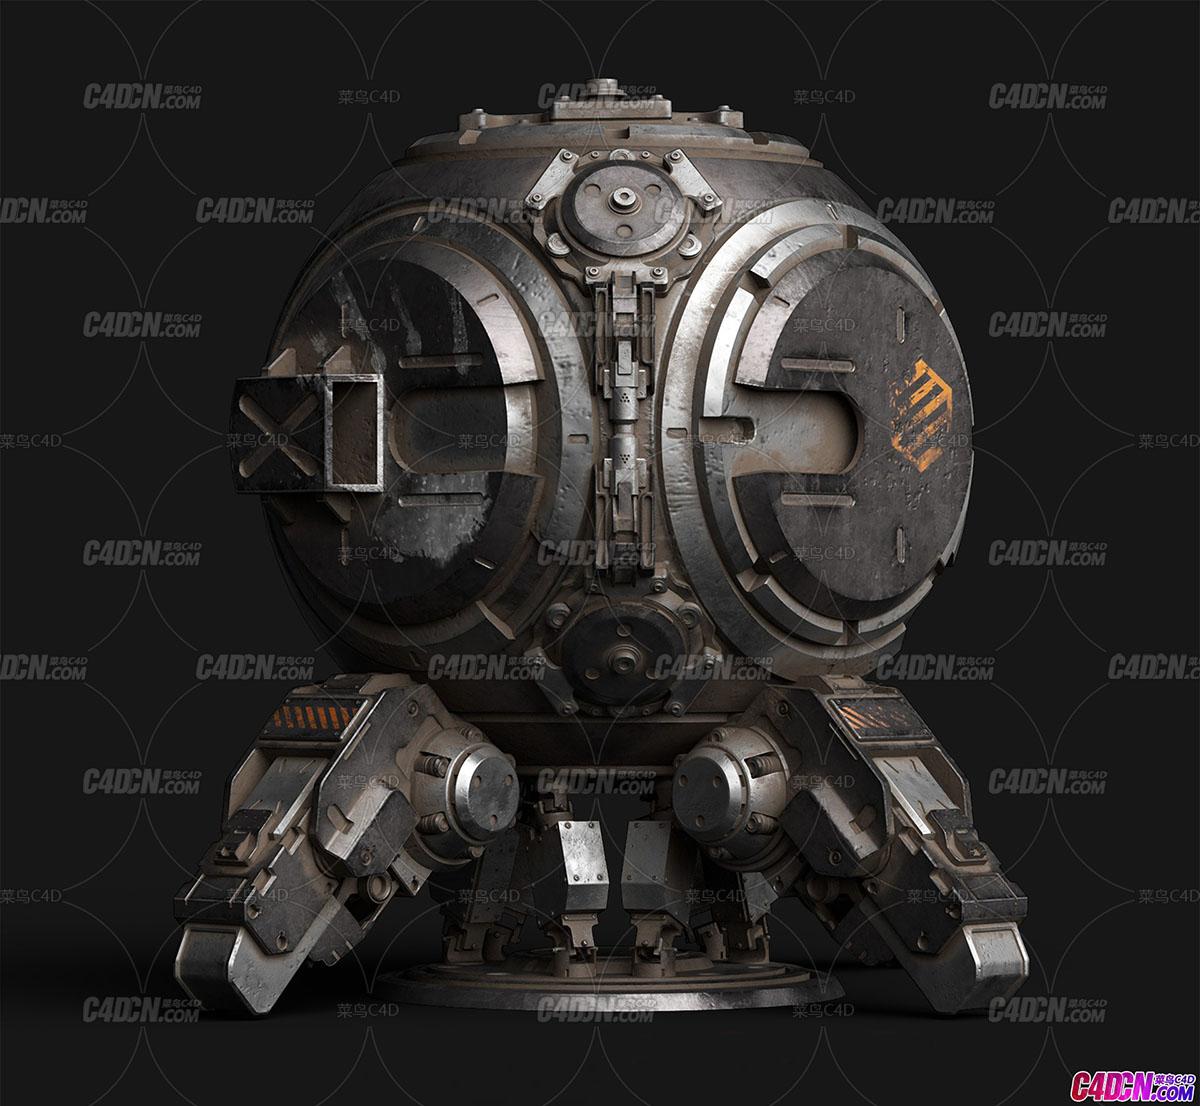 硬表面机械机甲机器组件零件C4D模型合集